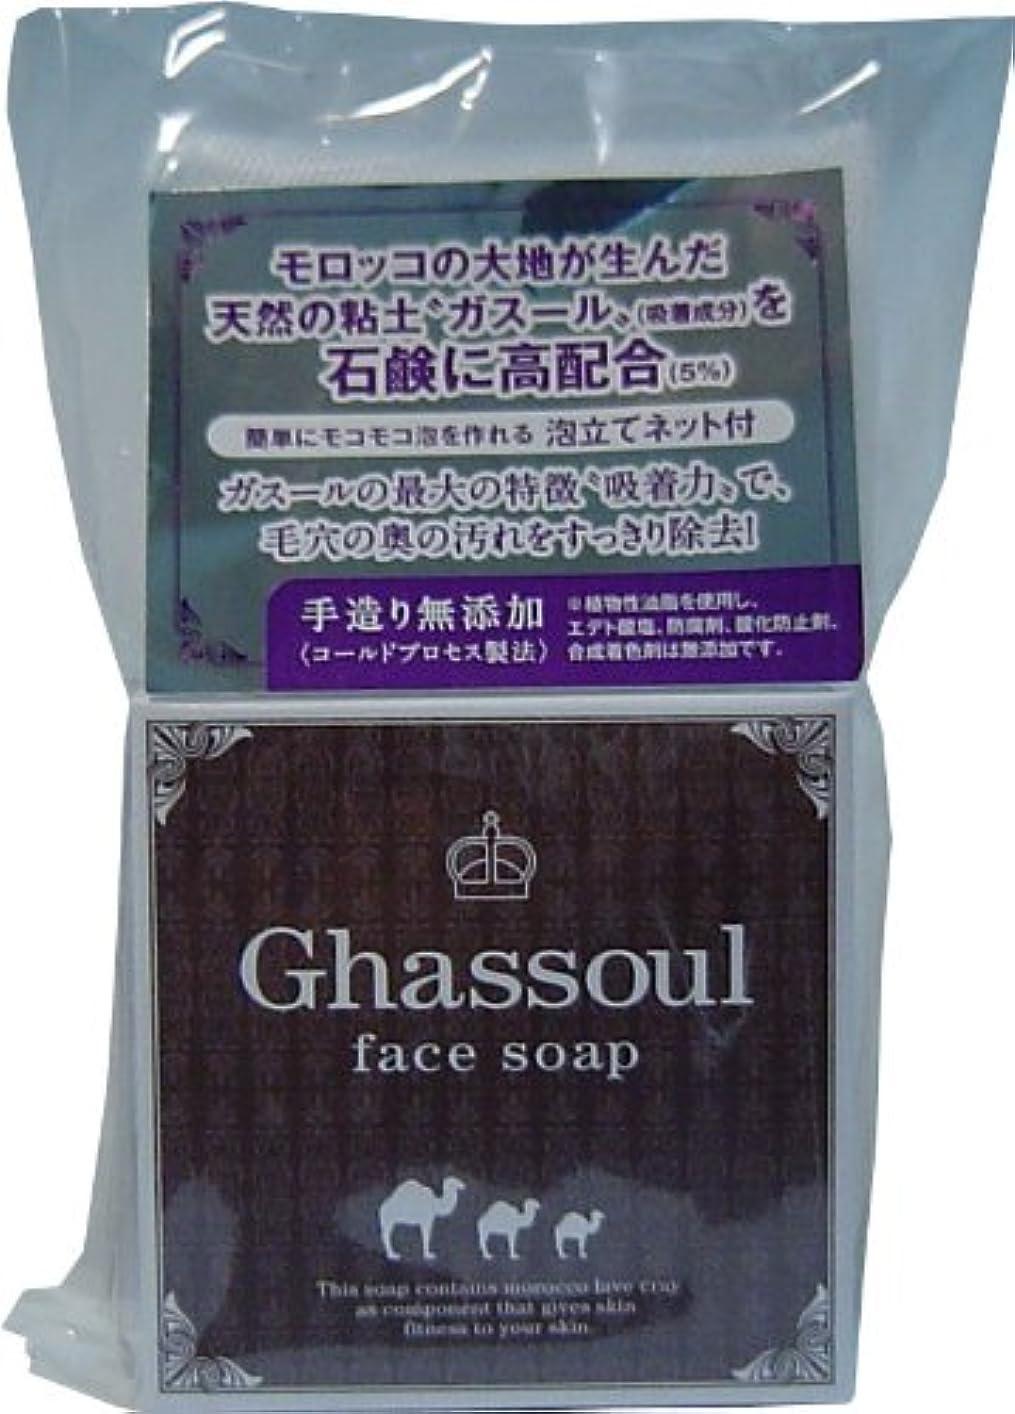 シロナガスクジラ麻痺まだらGhassoul face soap ガスールフェイスソープ 100g「4点セット」